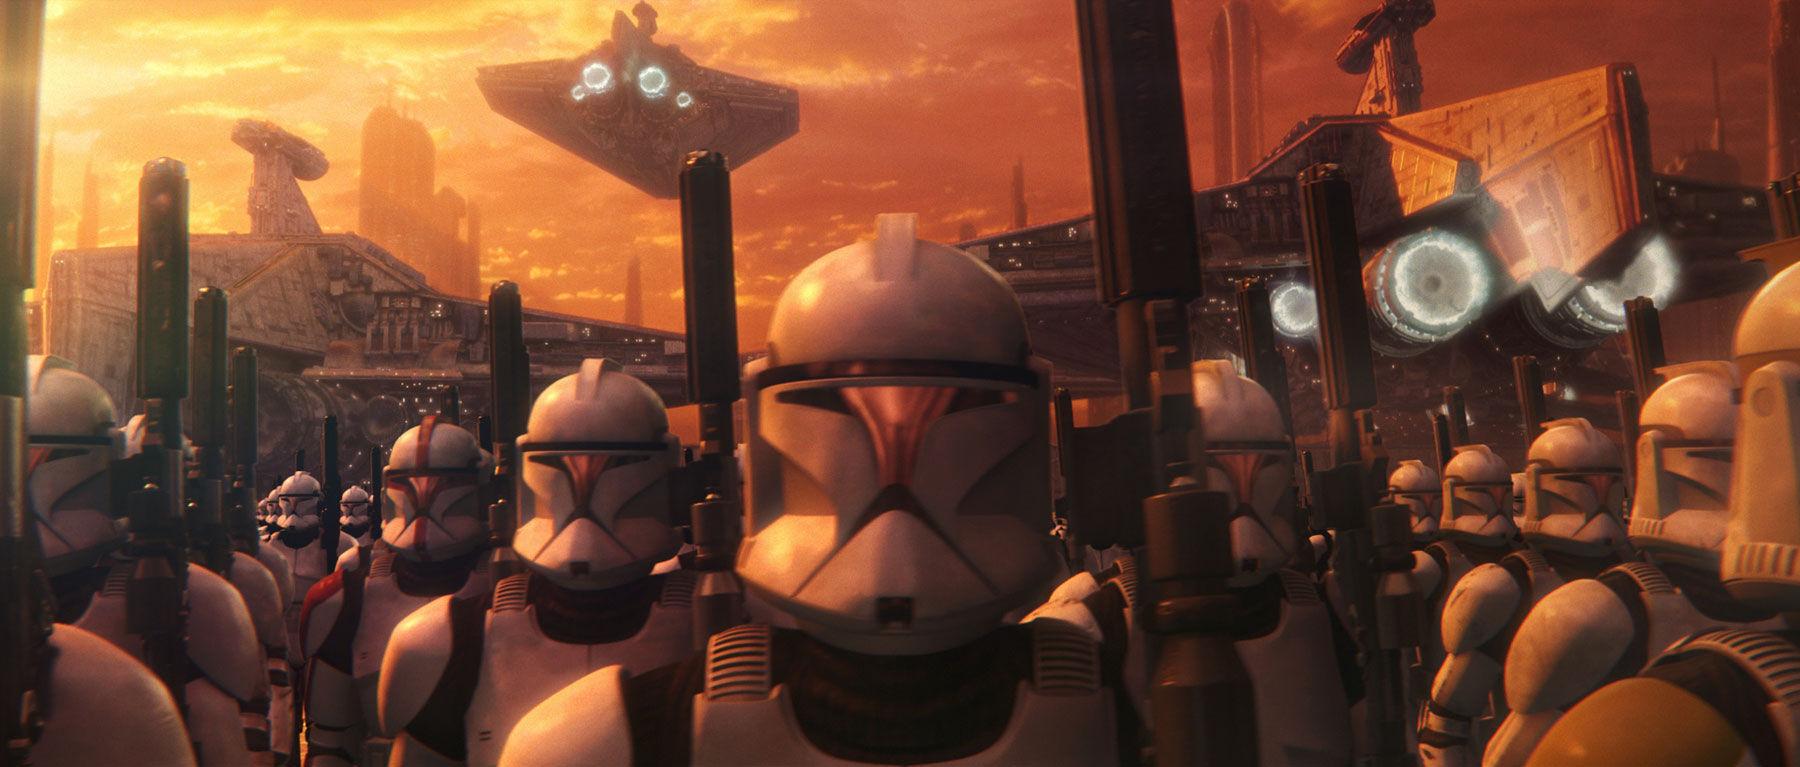 8783 - Ejércitos de Star Wars. ¿A cuál de ellos pertenecerías?